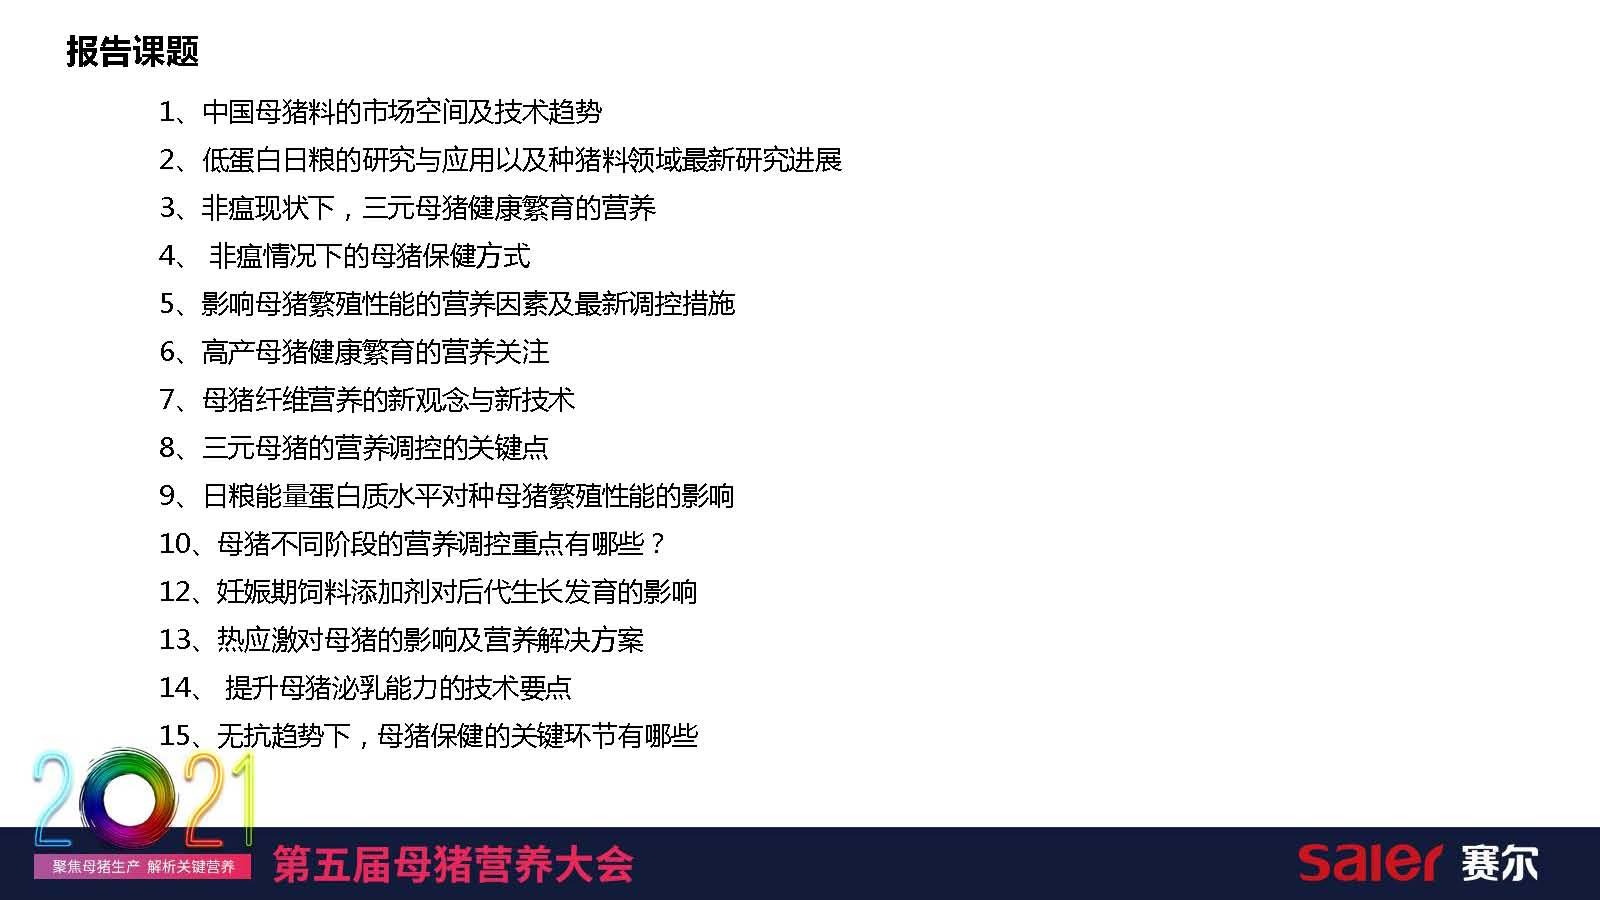 2021年第五届母猪营养论坛邀请函_页面_04.jpg